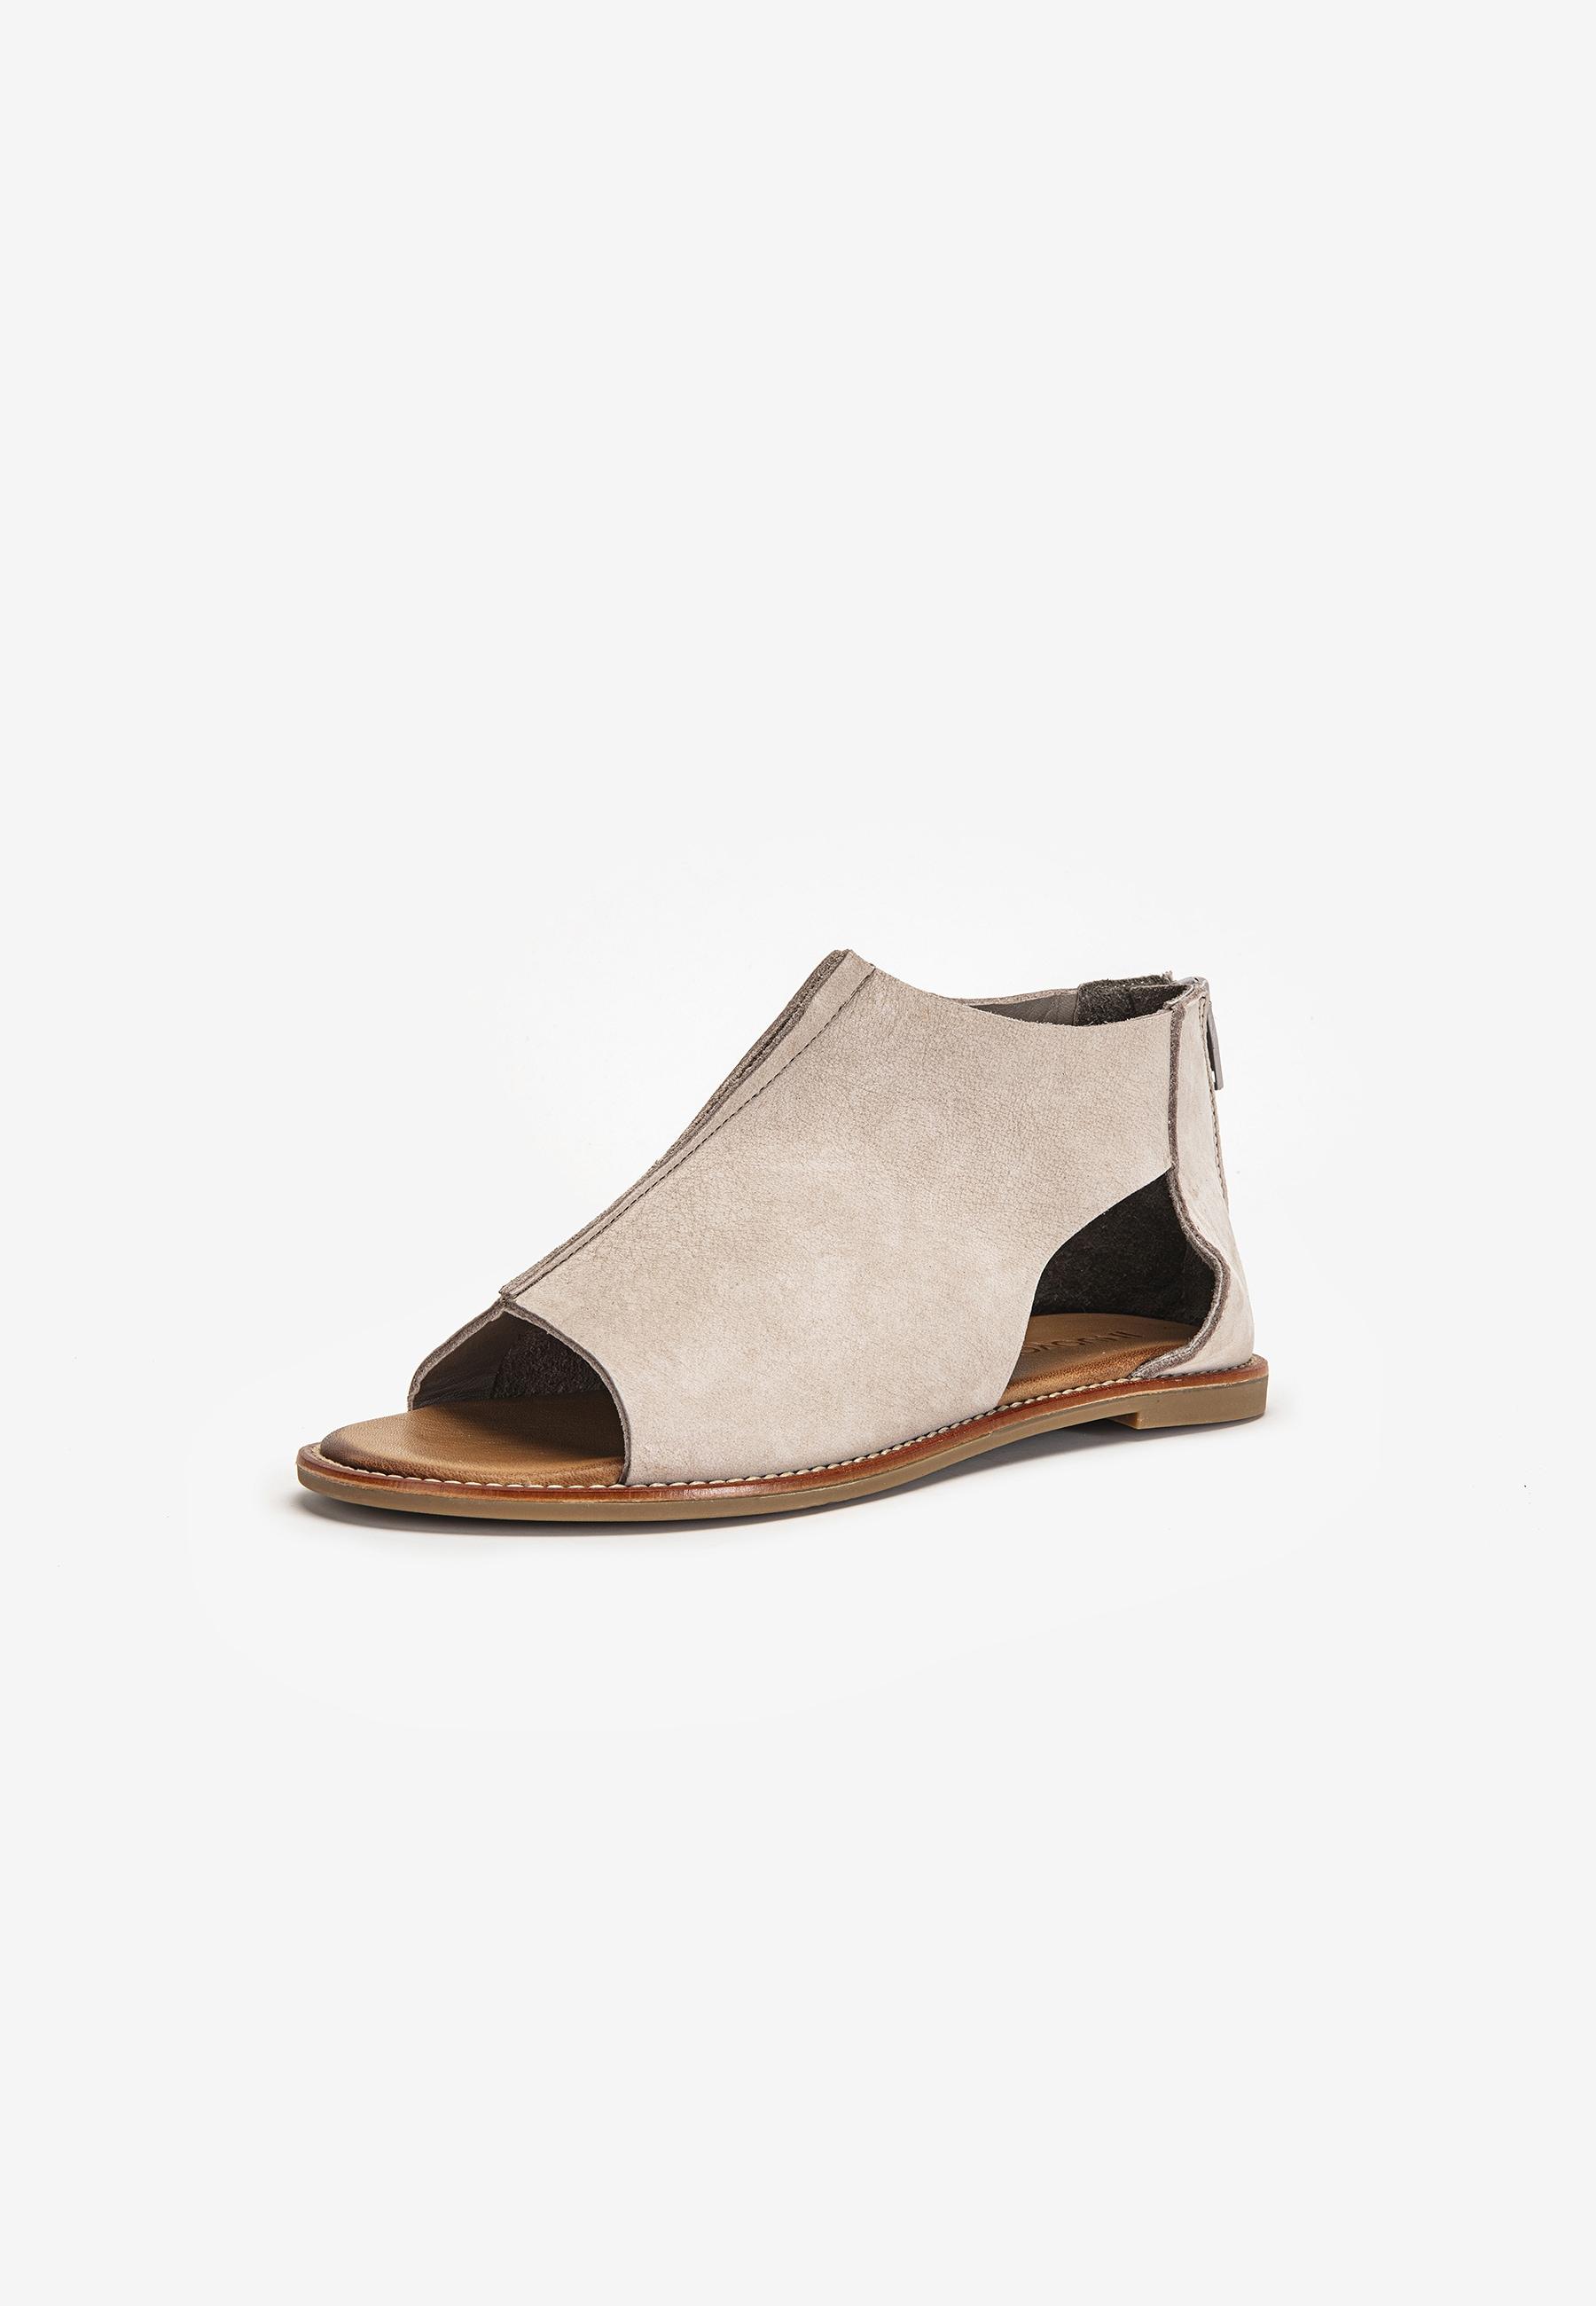 INUOVO Schaftsandalette Leder grau Damen Sandaletten Sandalen